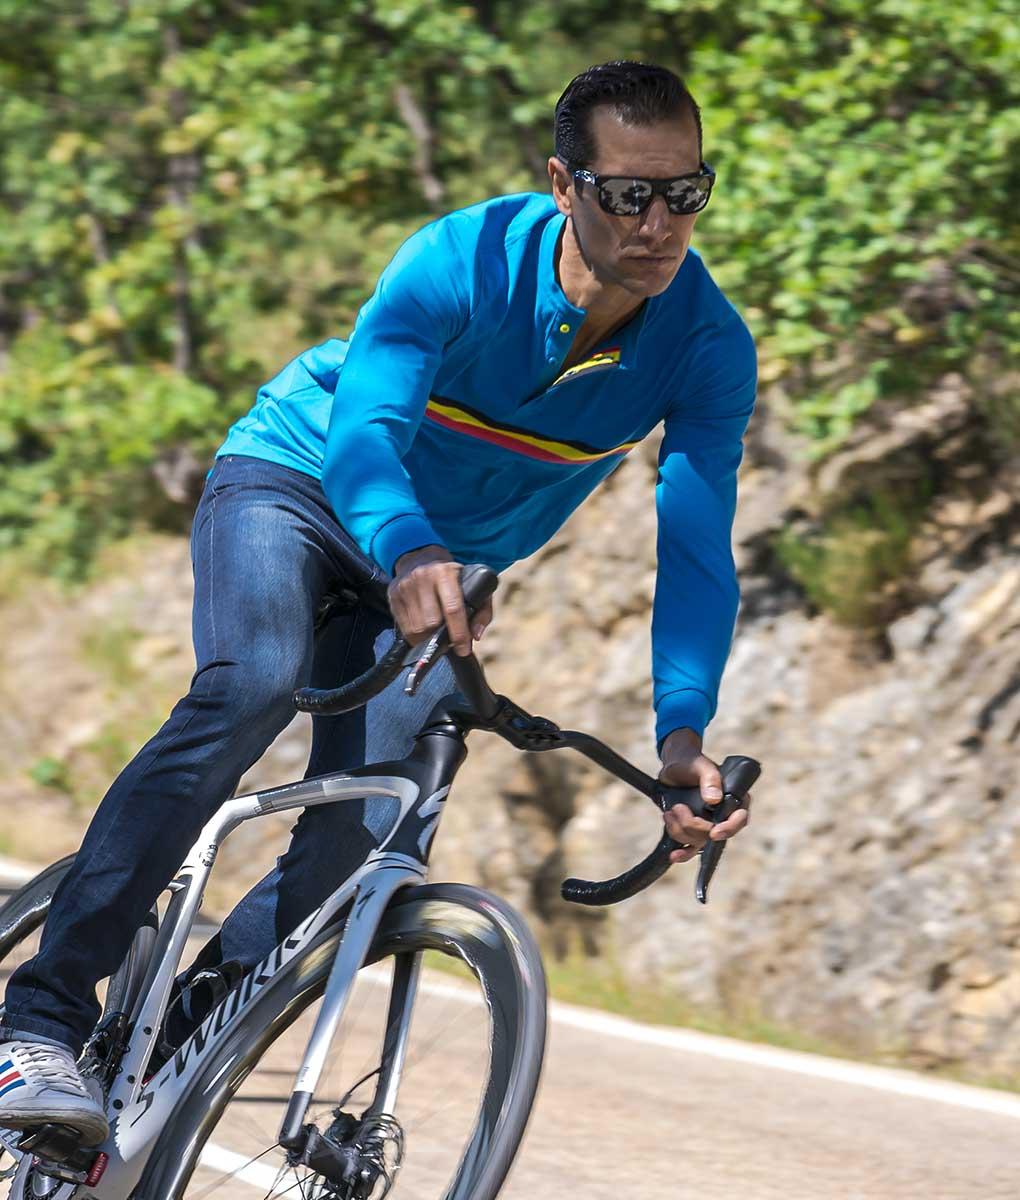 casual-cycling-belgium-bike